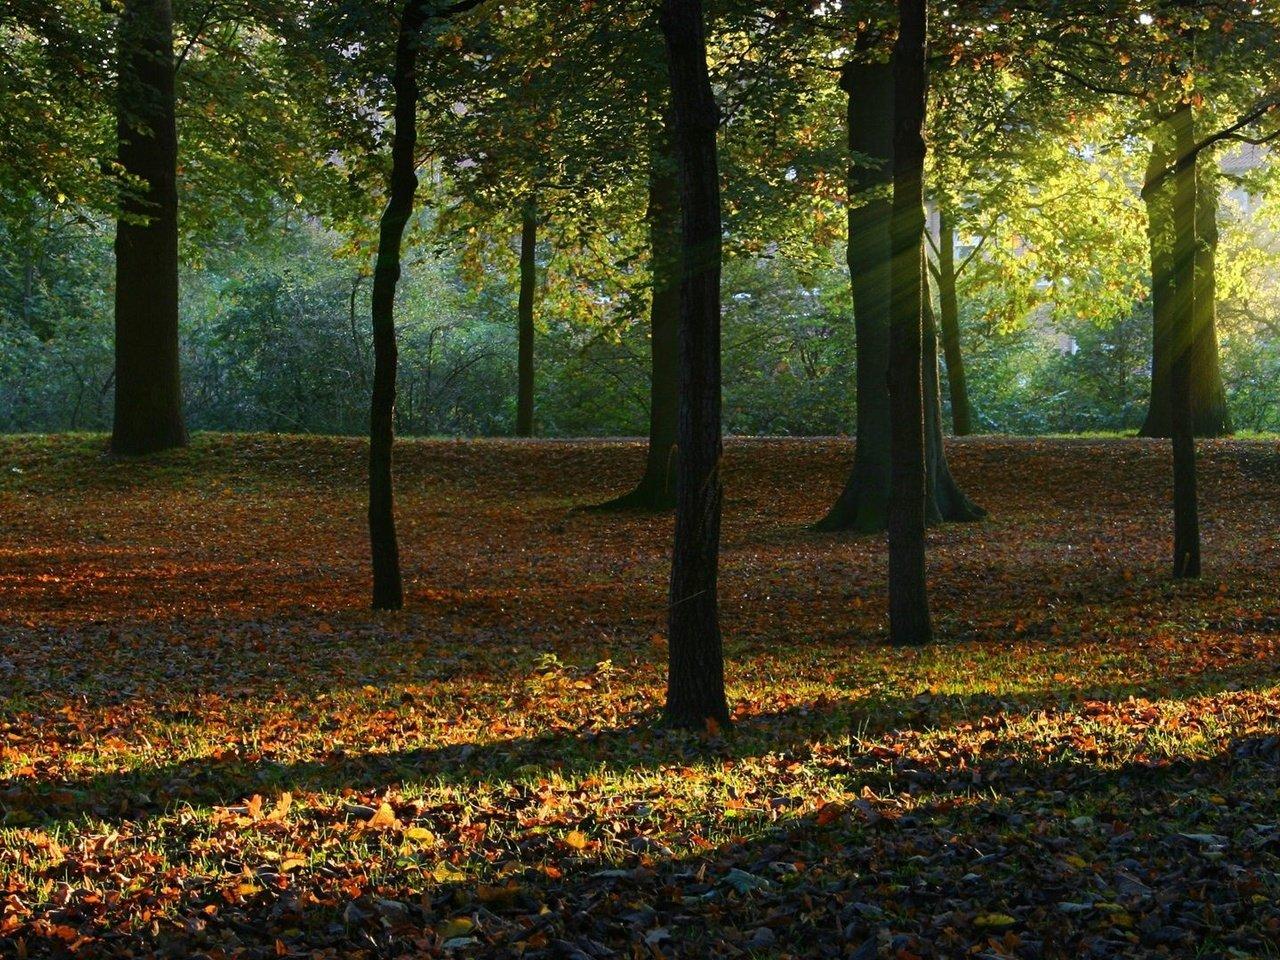 природа деревья листья лес nature trees leaves forest загрузить